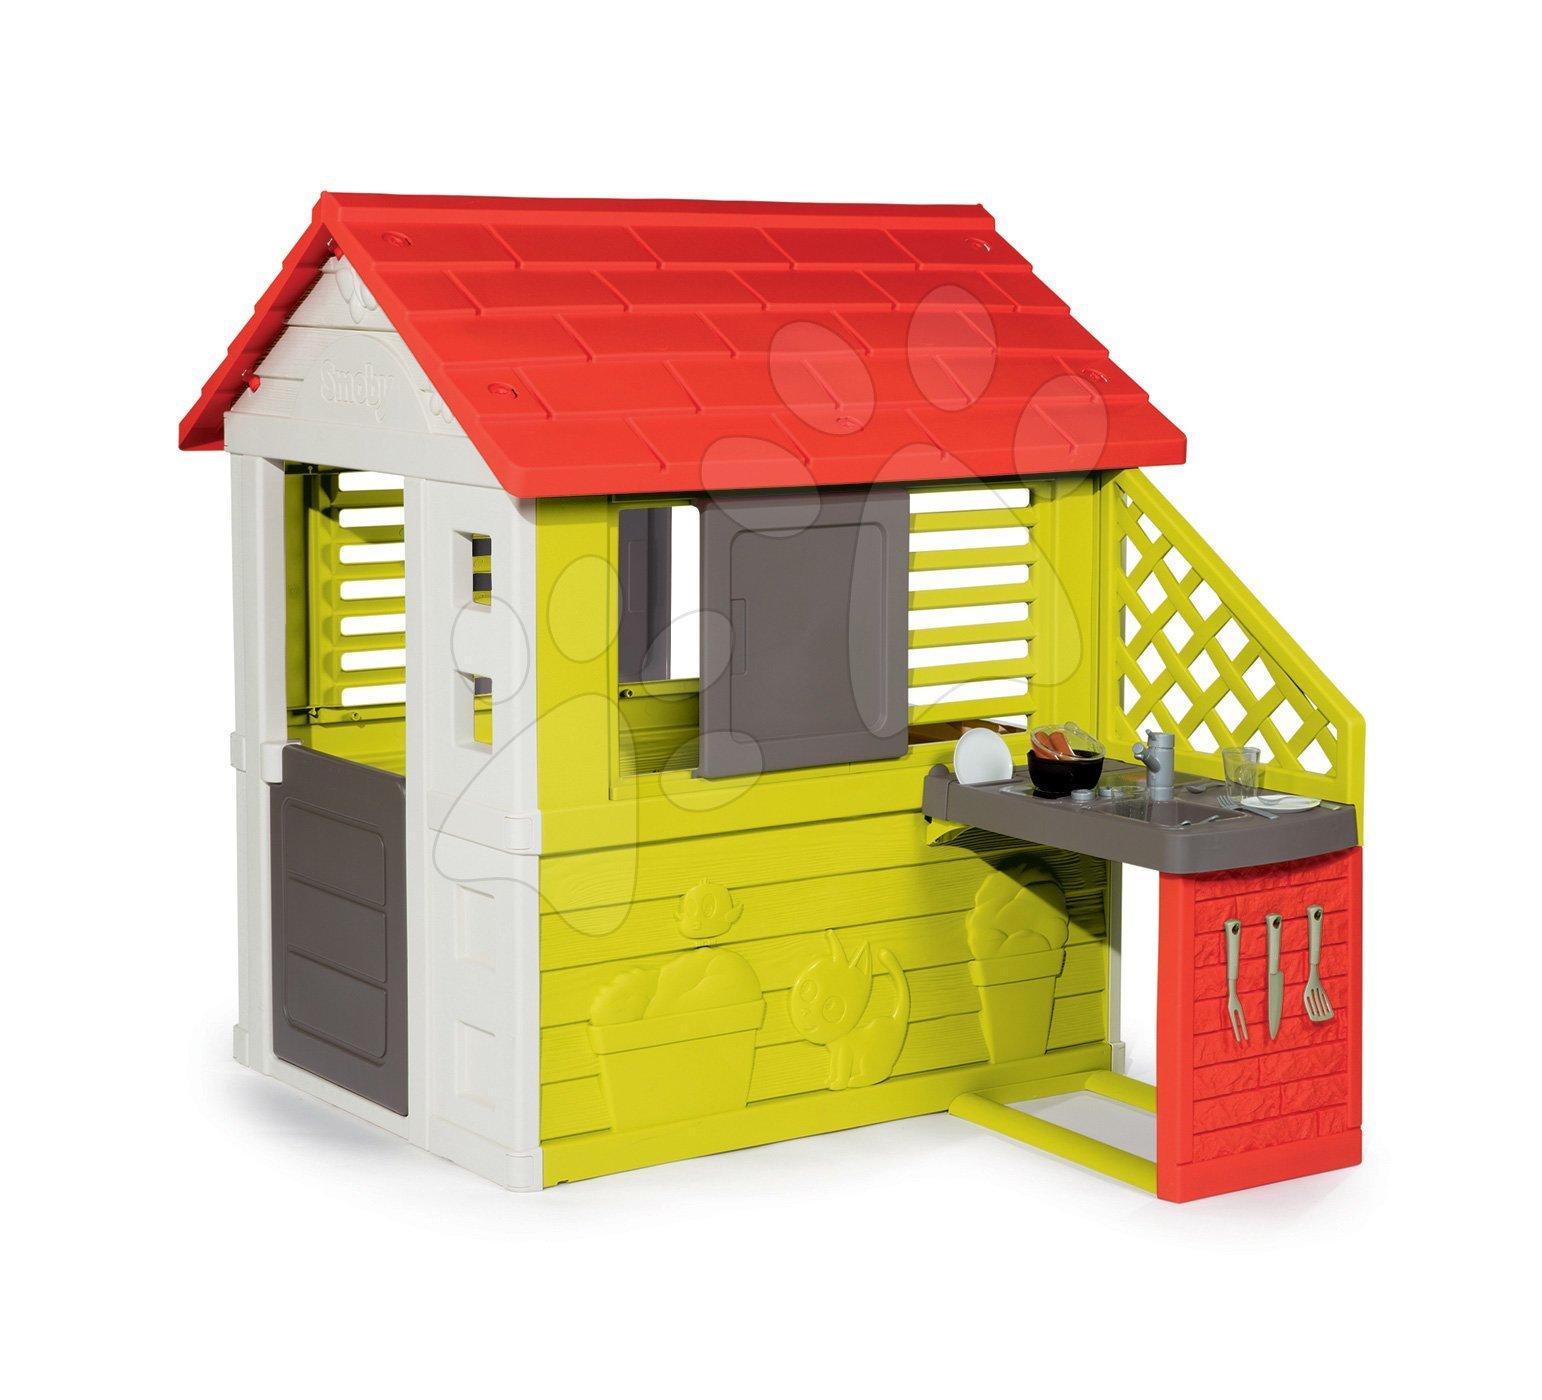 Smoby domček s kuchynkou Nature červeno-zelený, 3 okná s 2 žalúziami, 2 posuvné okenice a 17 doplnkov 810713